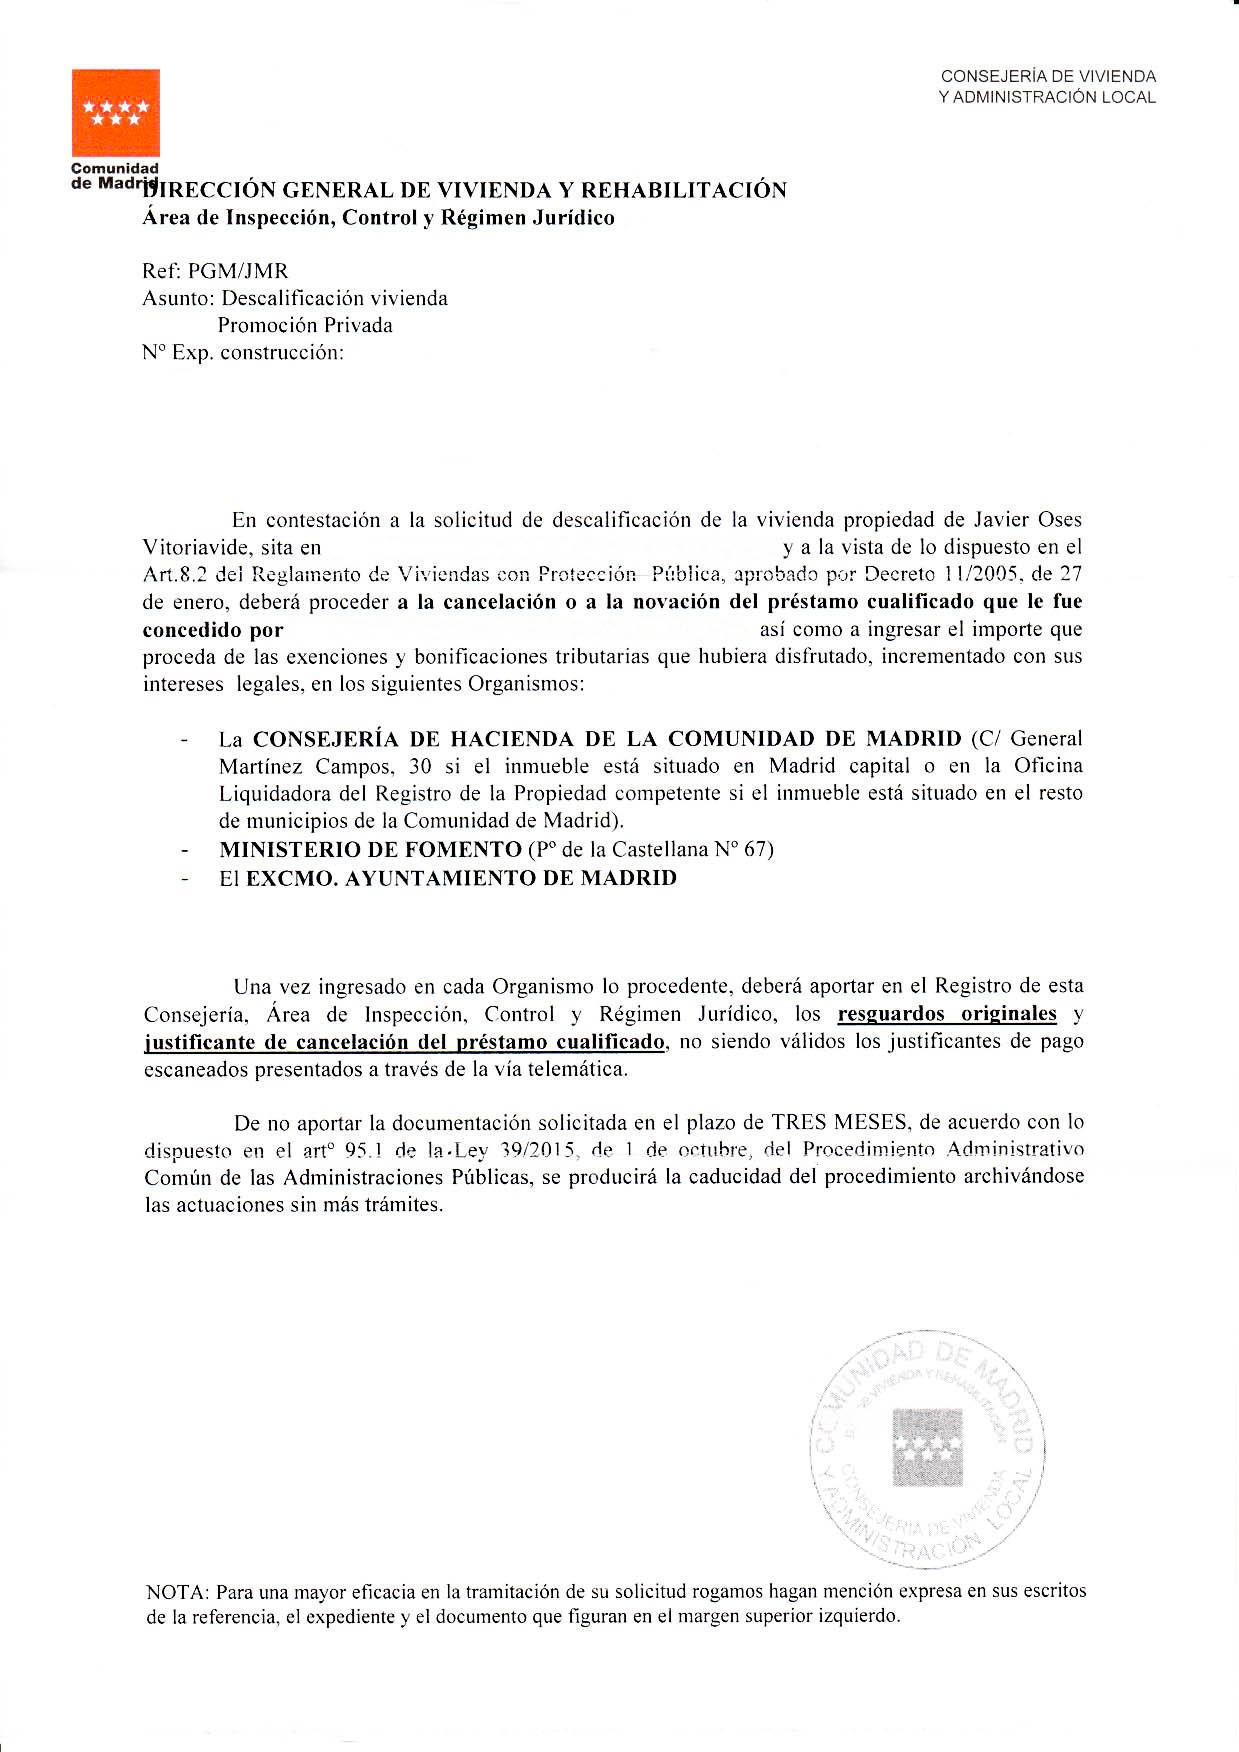 Modelo de respuesta del IVIMA tras una solicitud de descalificación